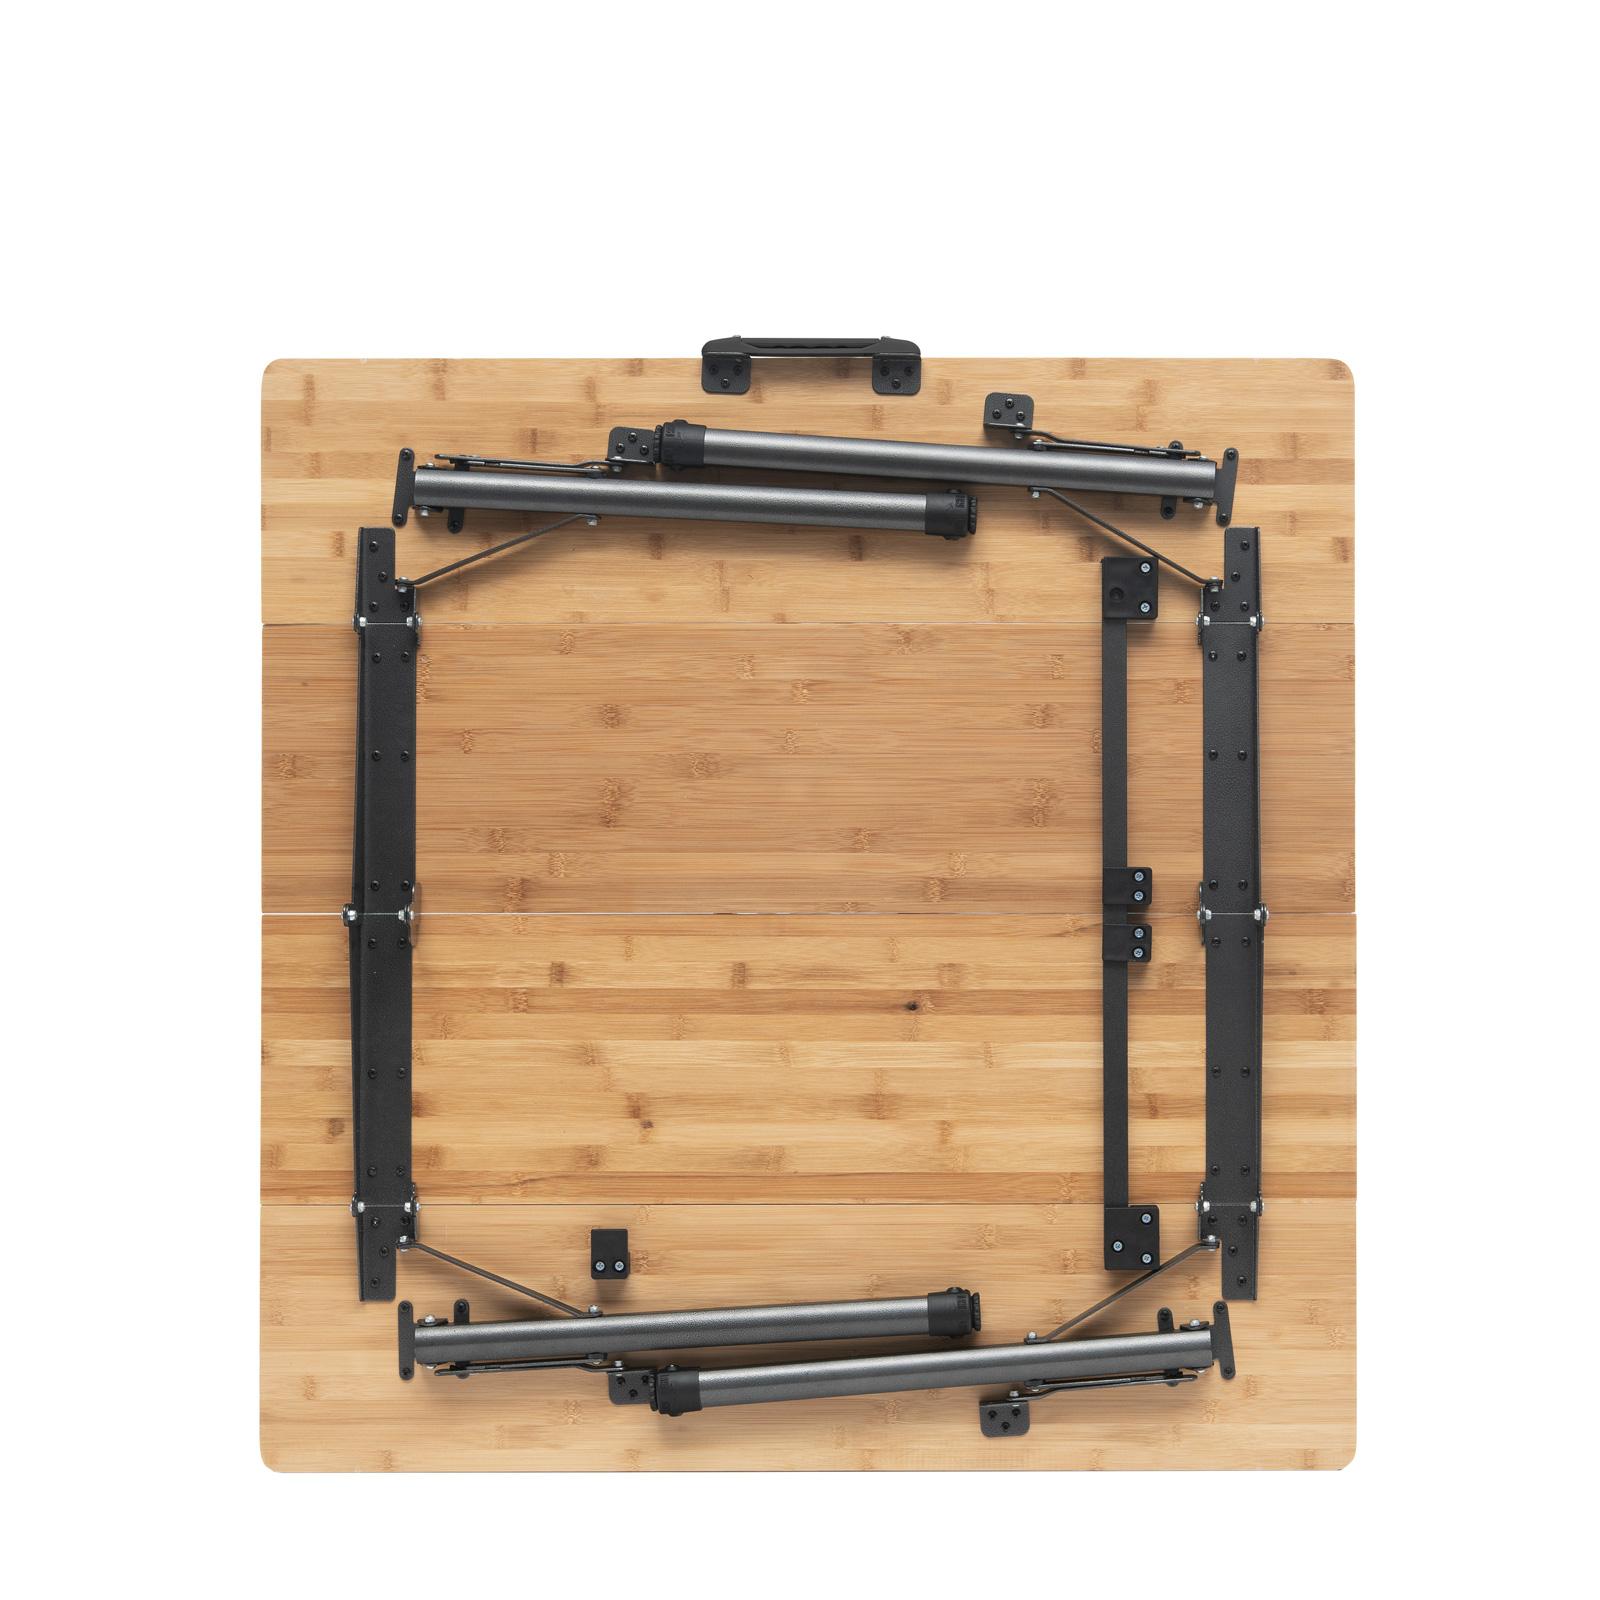 QEEDO Quick Kimmy Campingtisch - Bambus Bambus Bambus - Höhenverstellbar - Massiver Tisch 456338